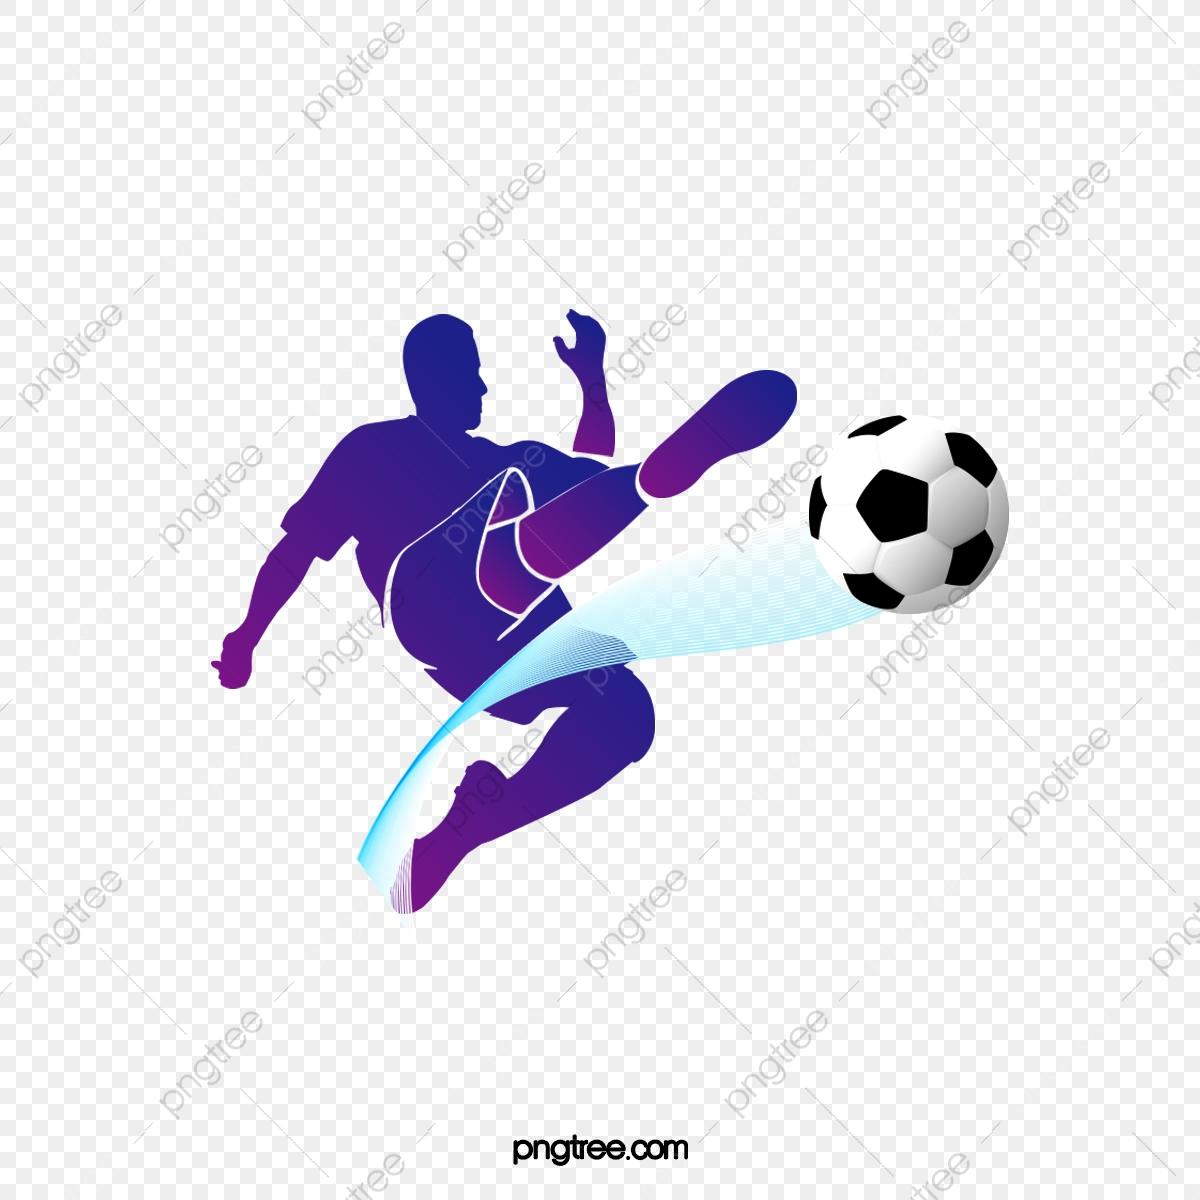 Los Jugadores De Fútbol, Pintado A Mano, Football, La Educación.